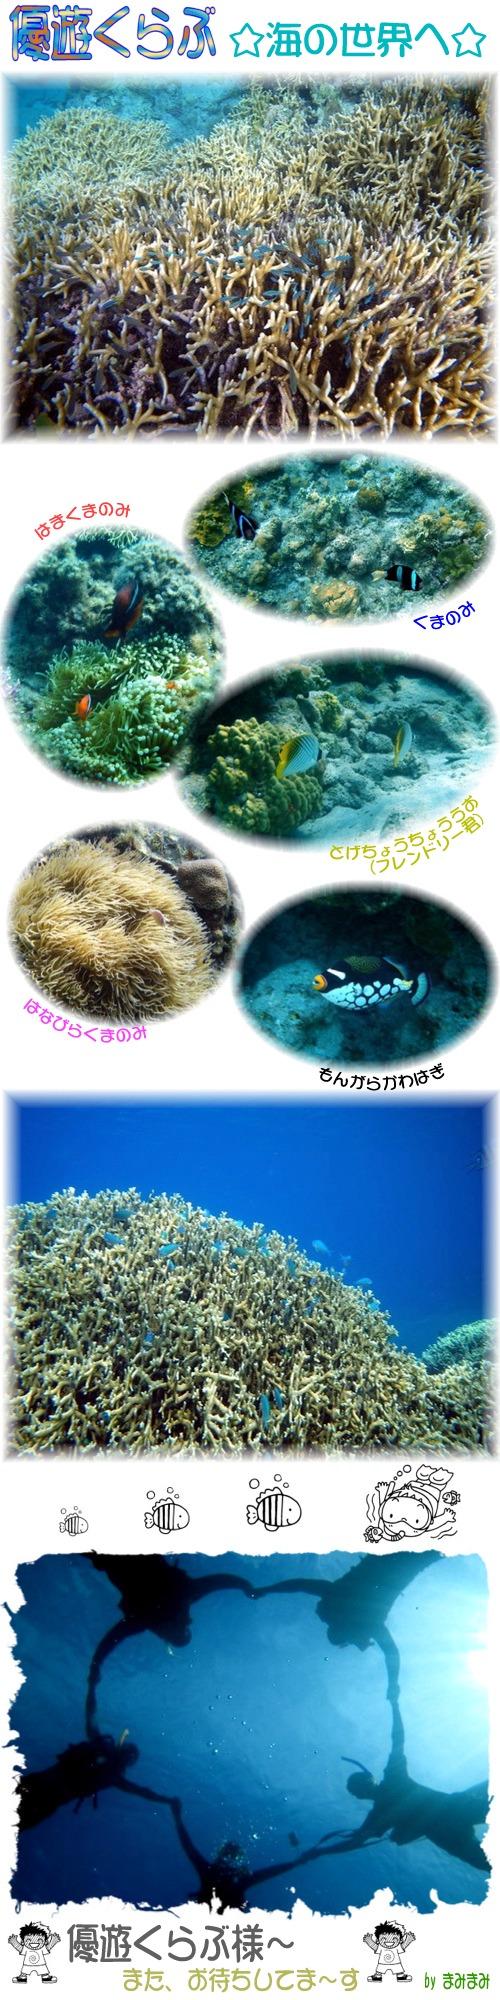 海の世界へ